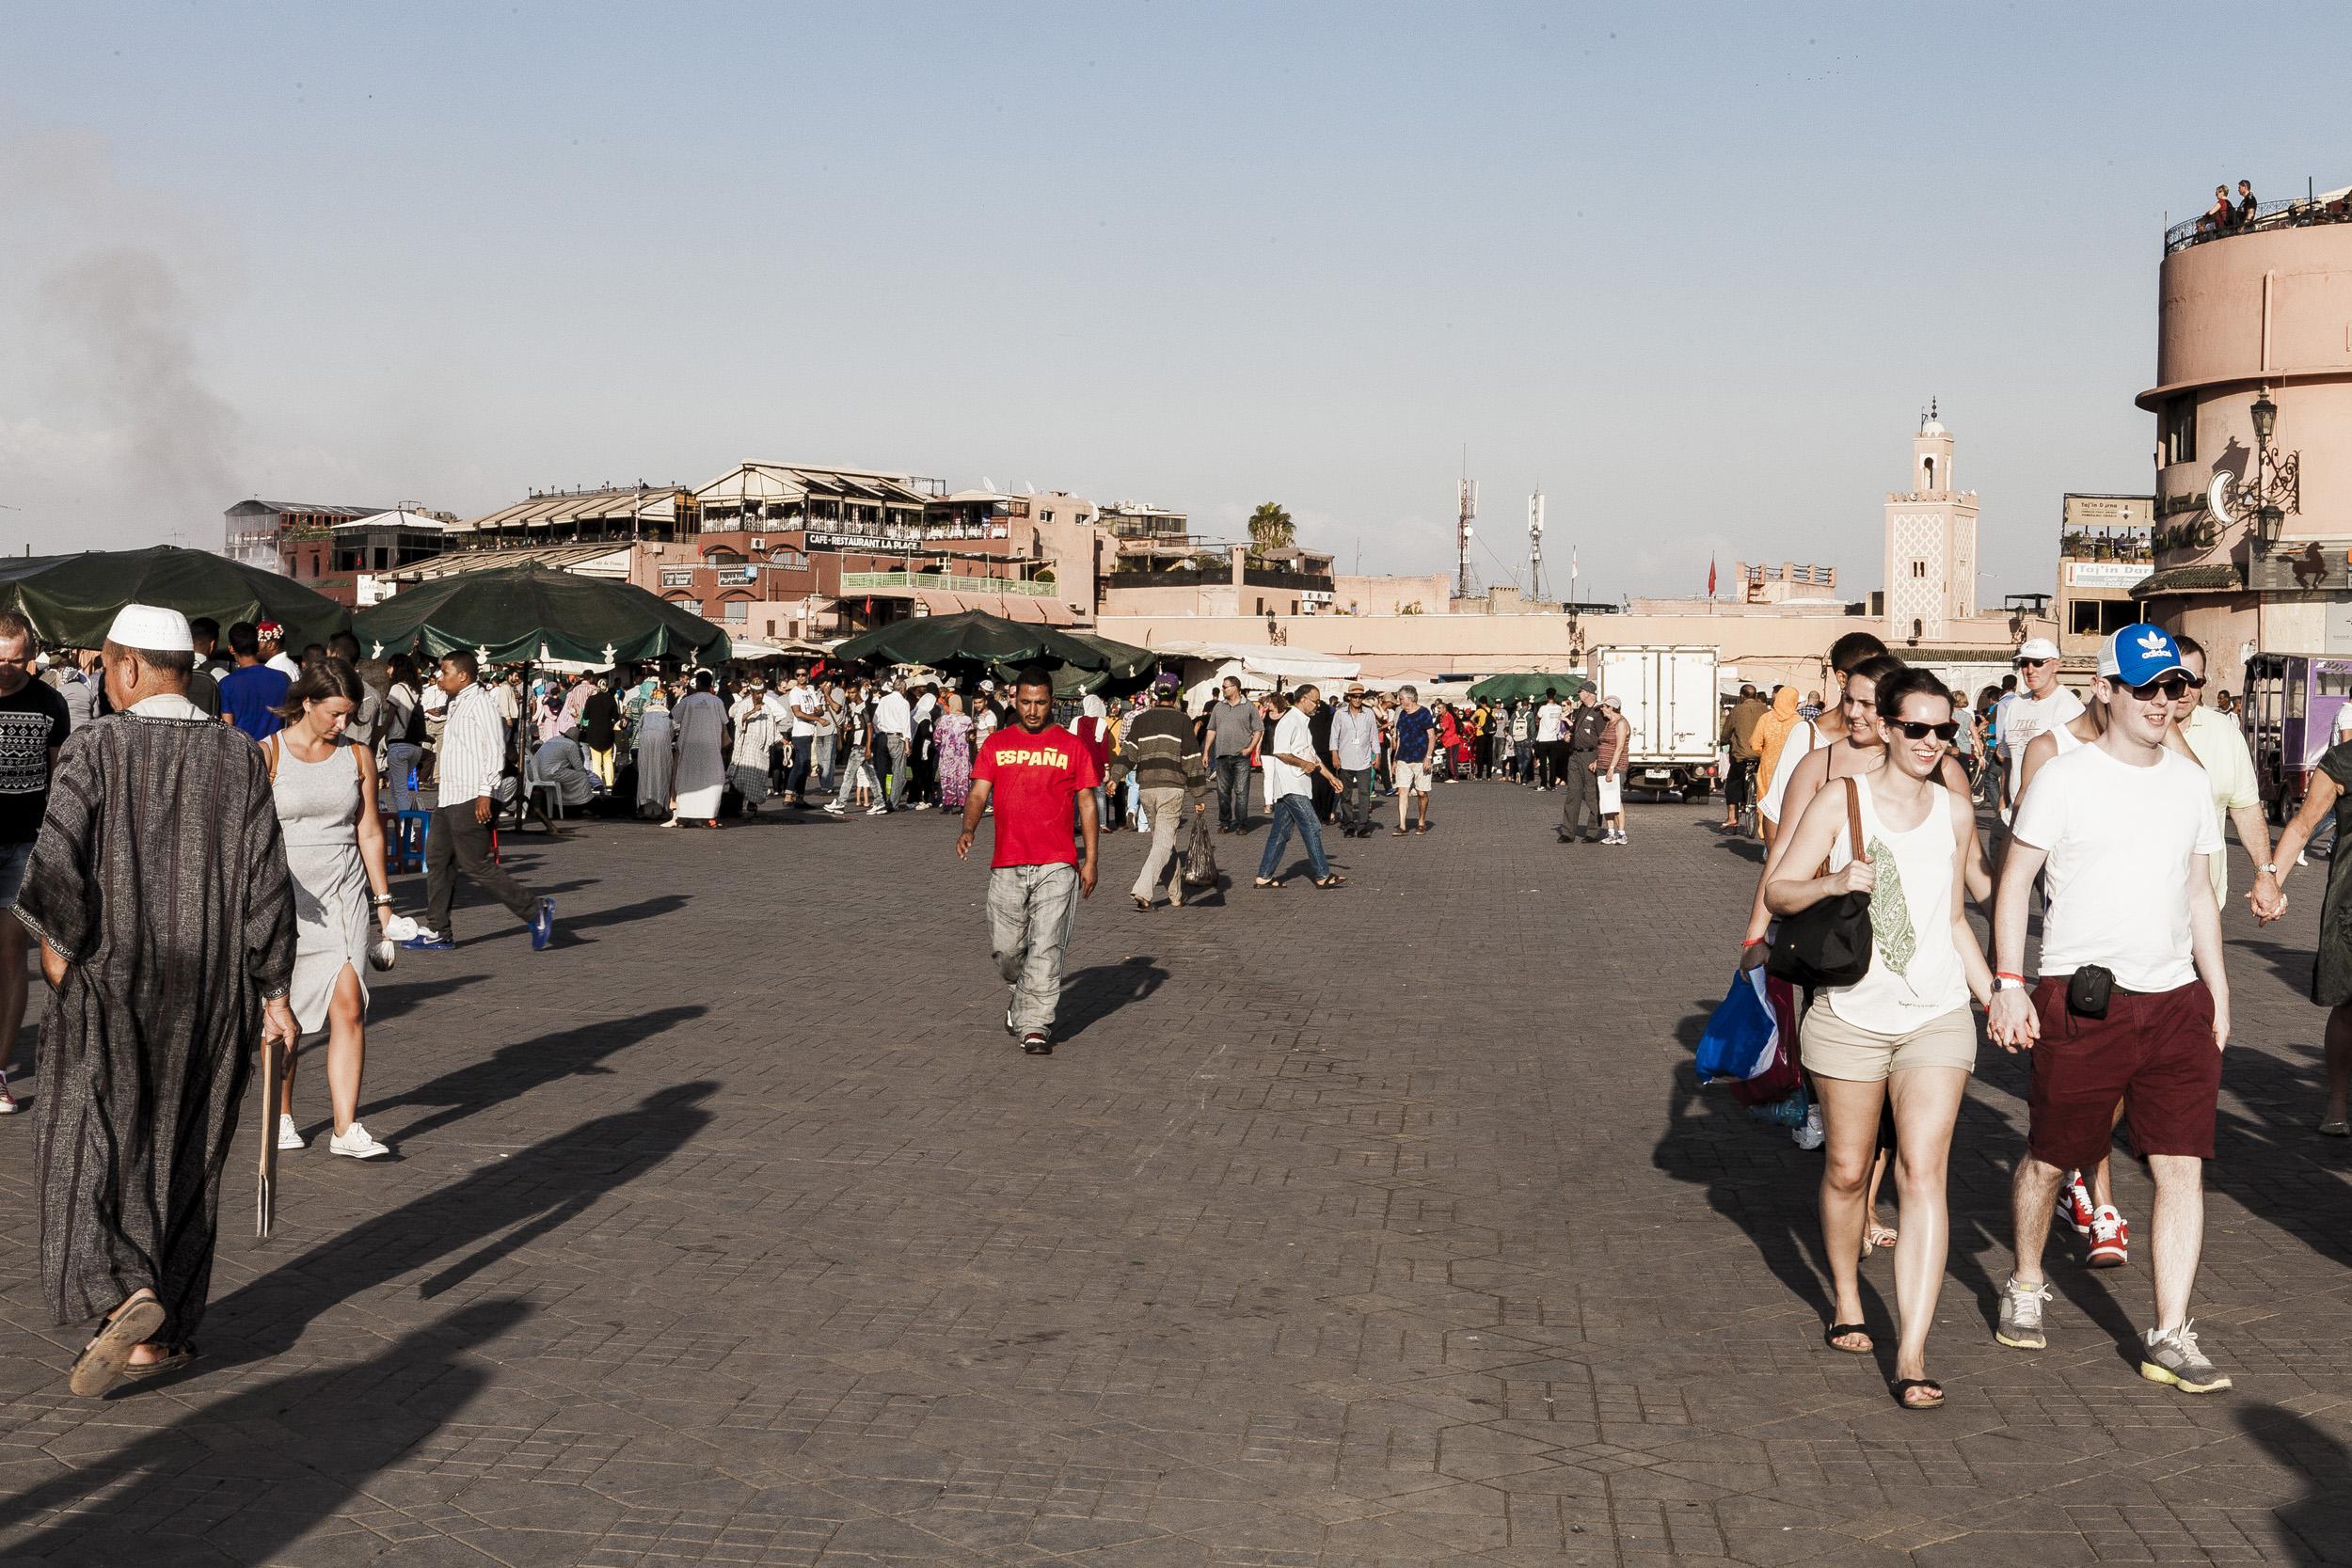 llegada_marrakech_convencion_anual_salerm_cosmetics_proline_82